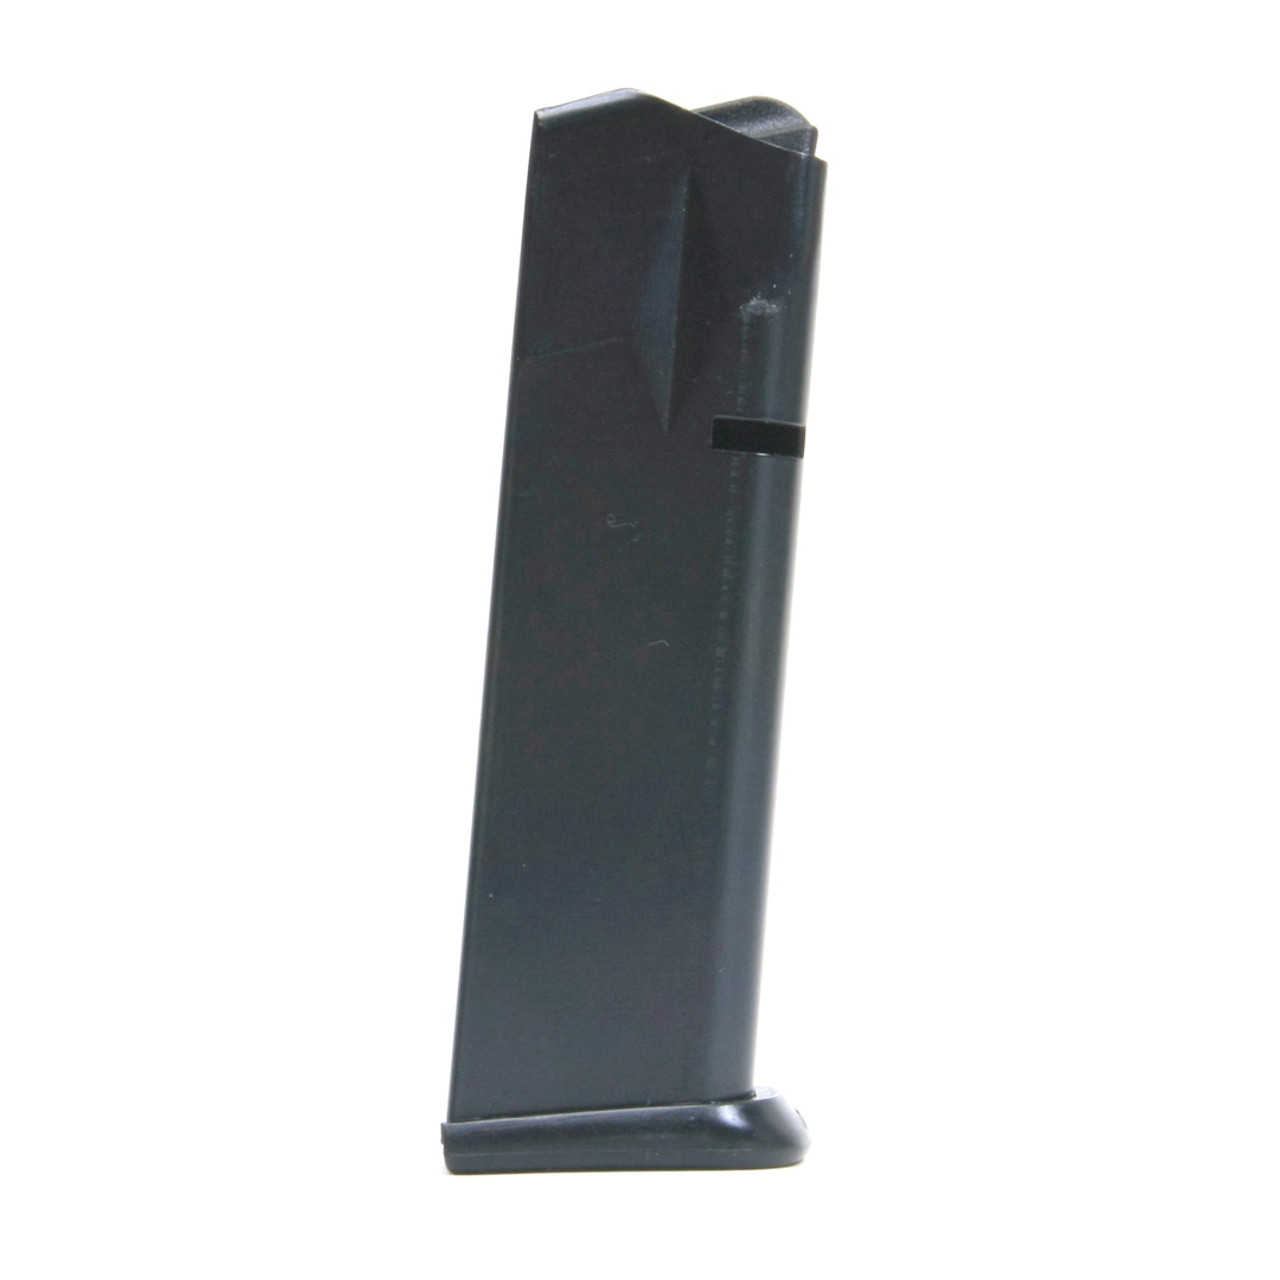 Para-Ordnance® P14 .45 ACP (14) Rd - Blue Steel